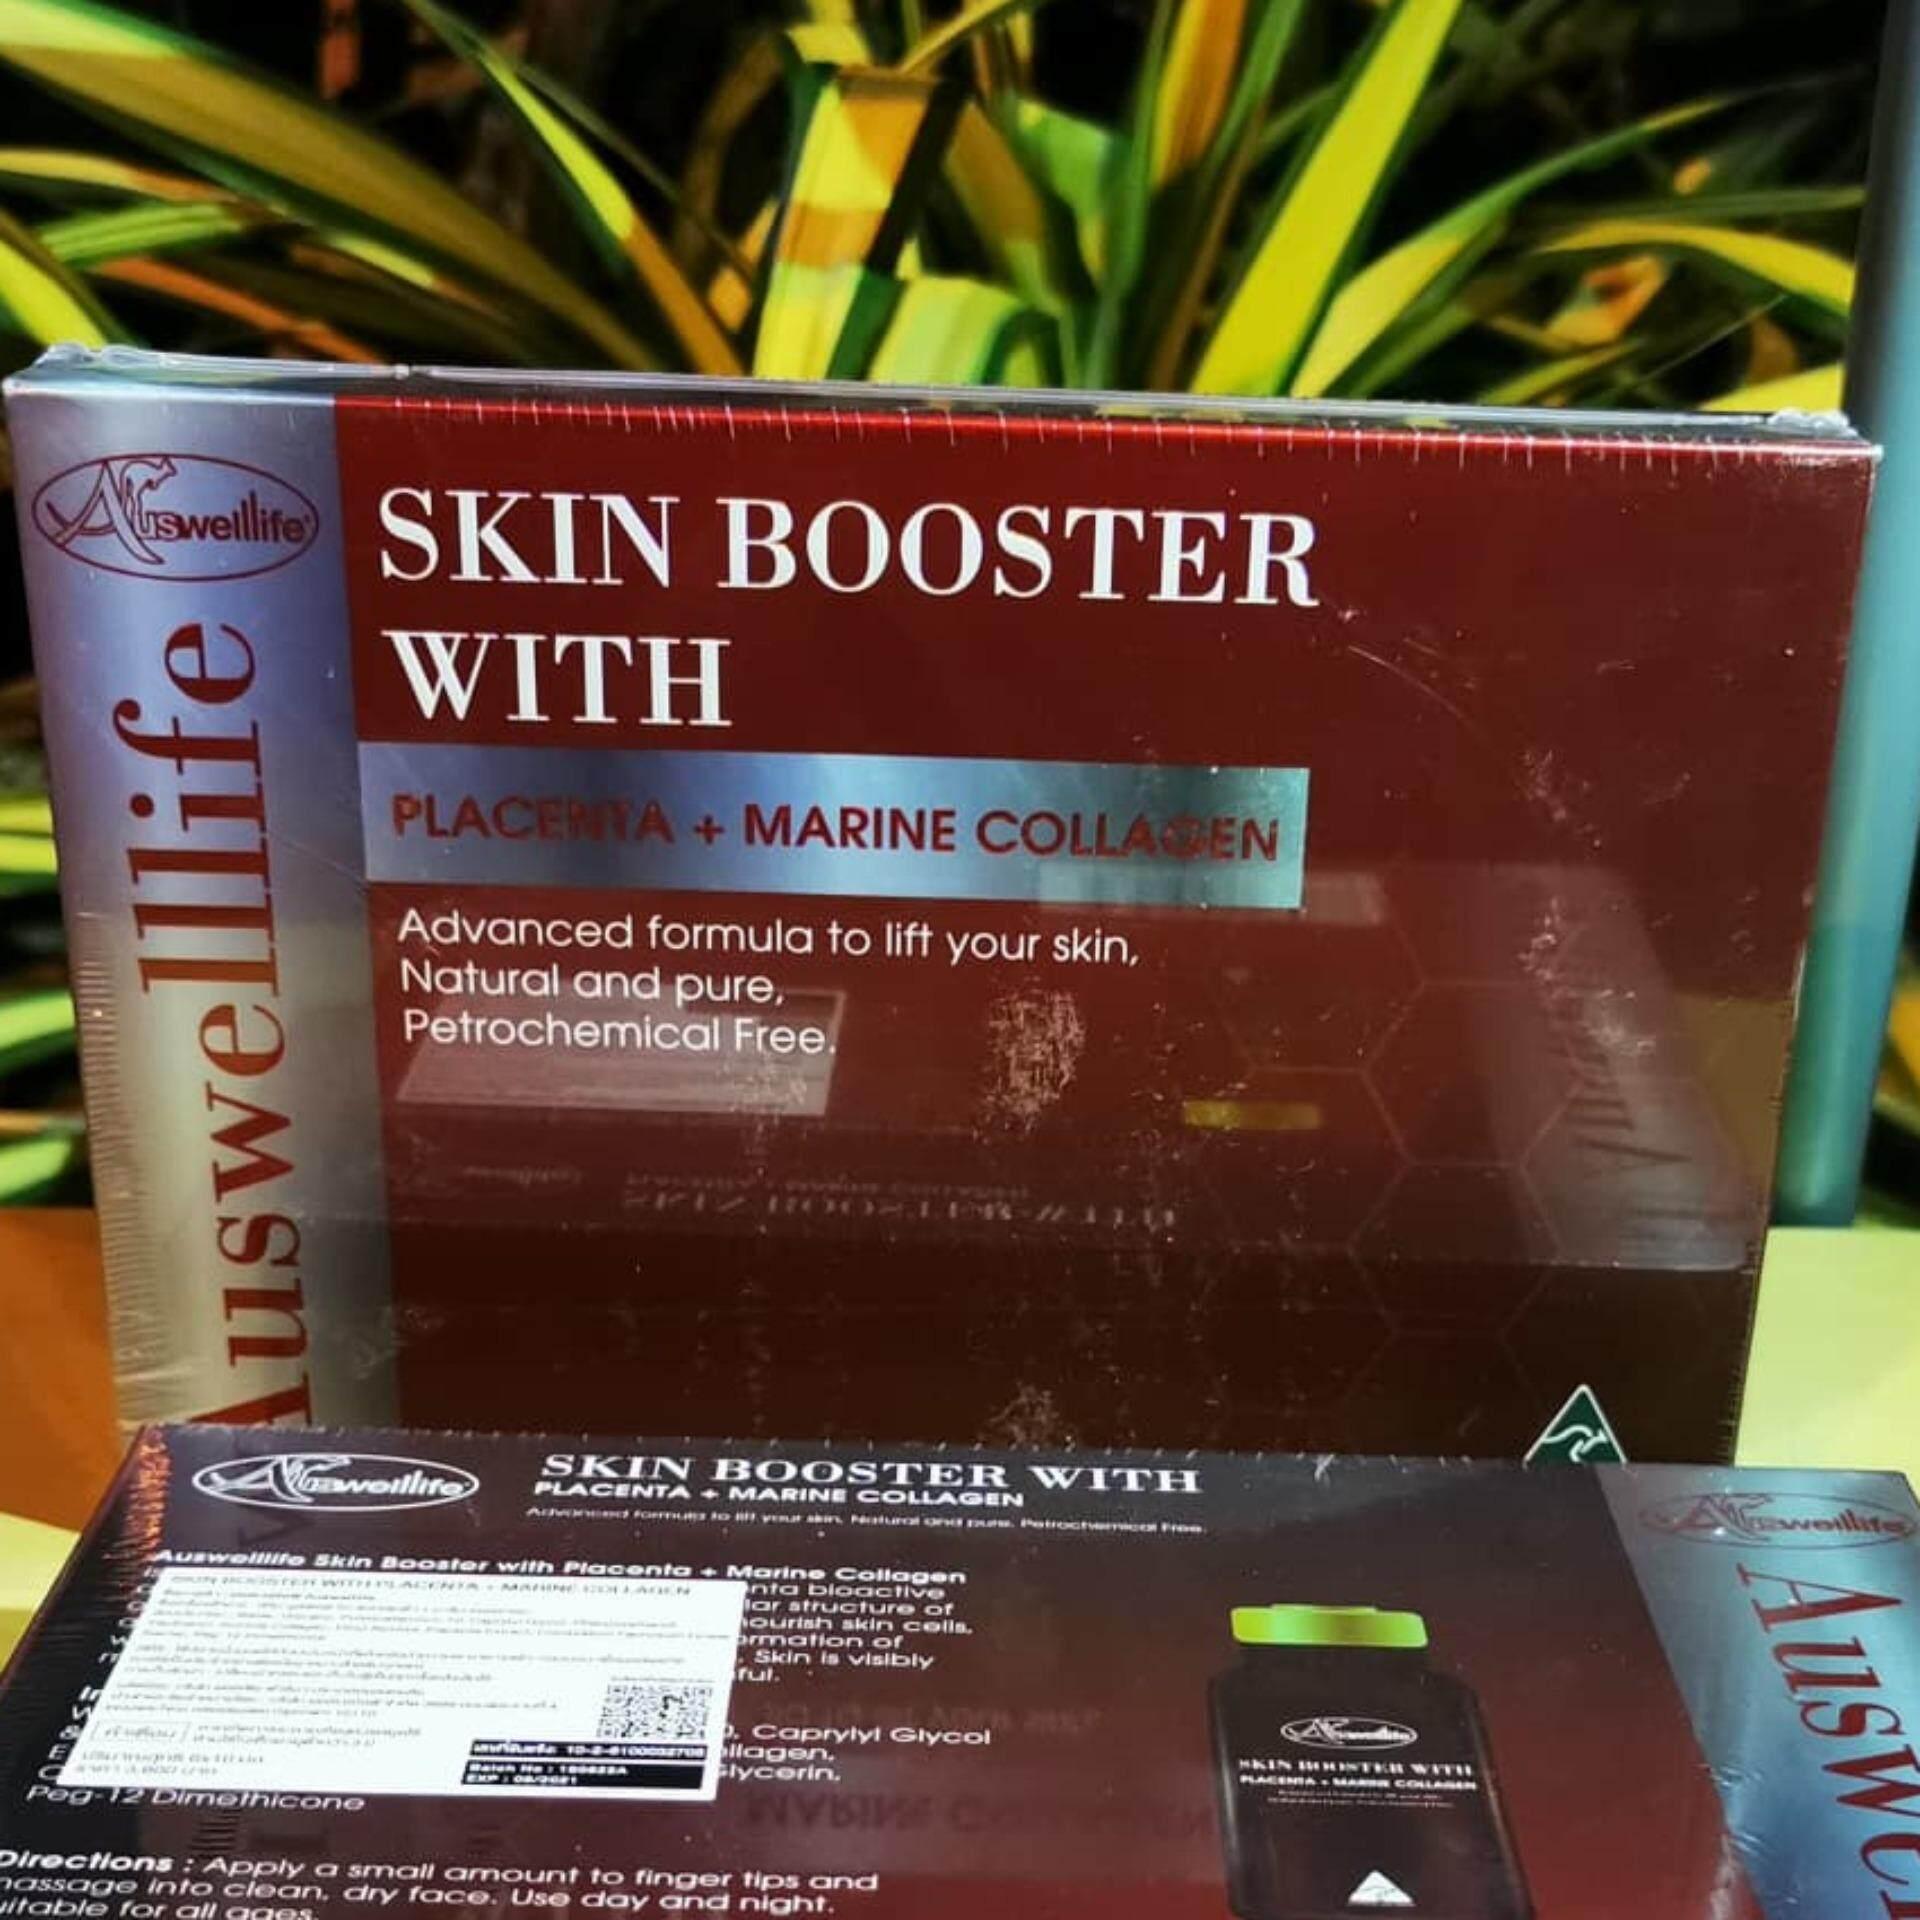 เซรั่มรกแกะ Auswelllife Skin Booster With Placenta + Marine Collagen